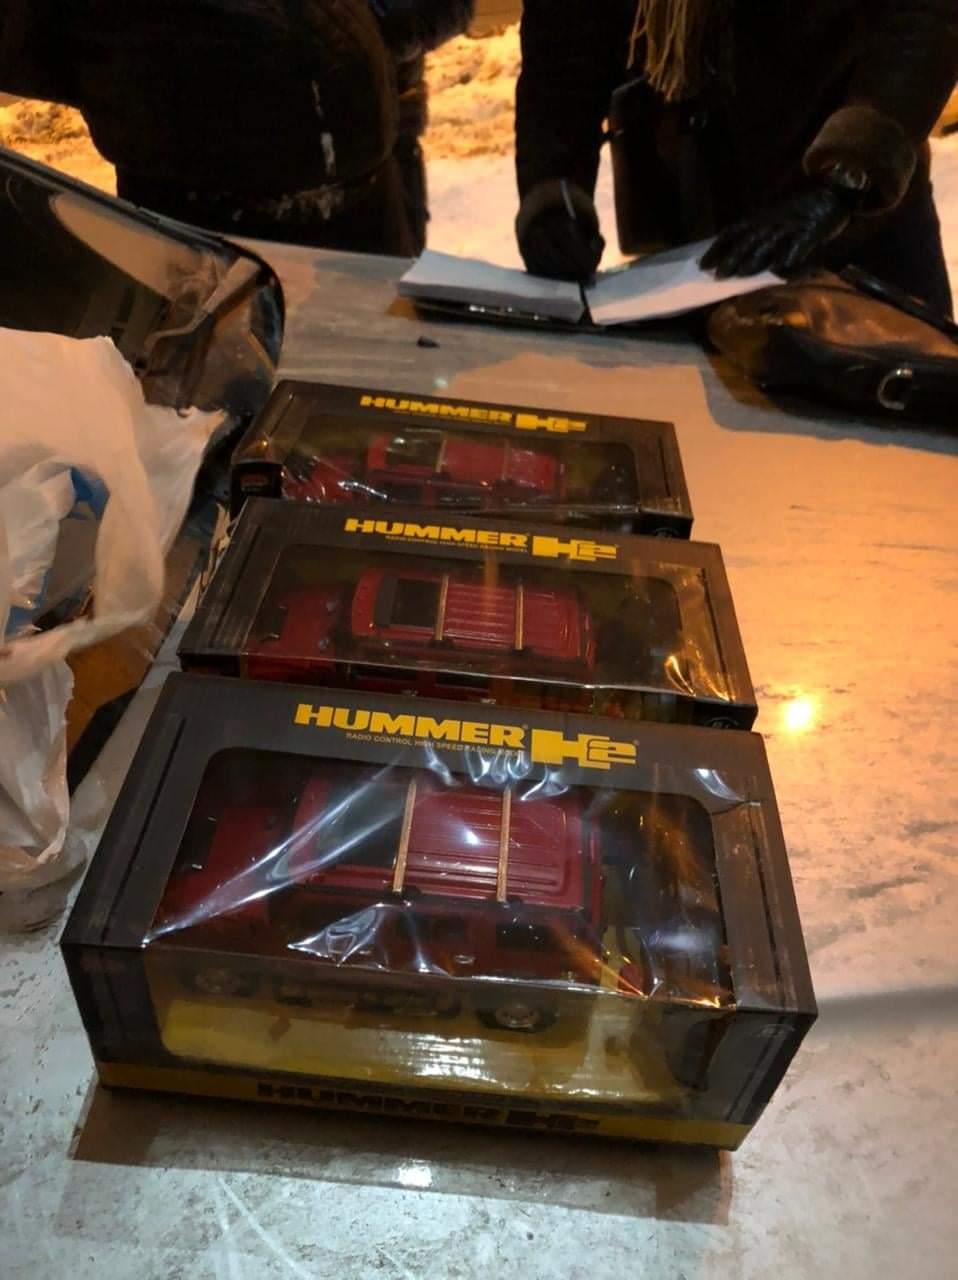 Бывший сотрудник правоохранительных органов поставлял в Киев кокаин в детских машинках – прокуратура